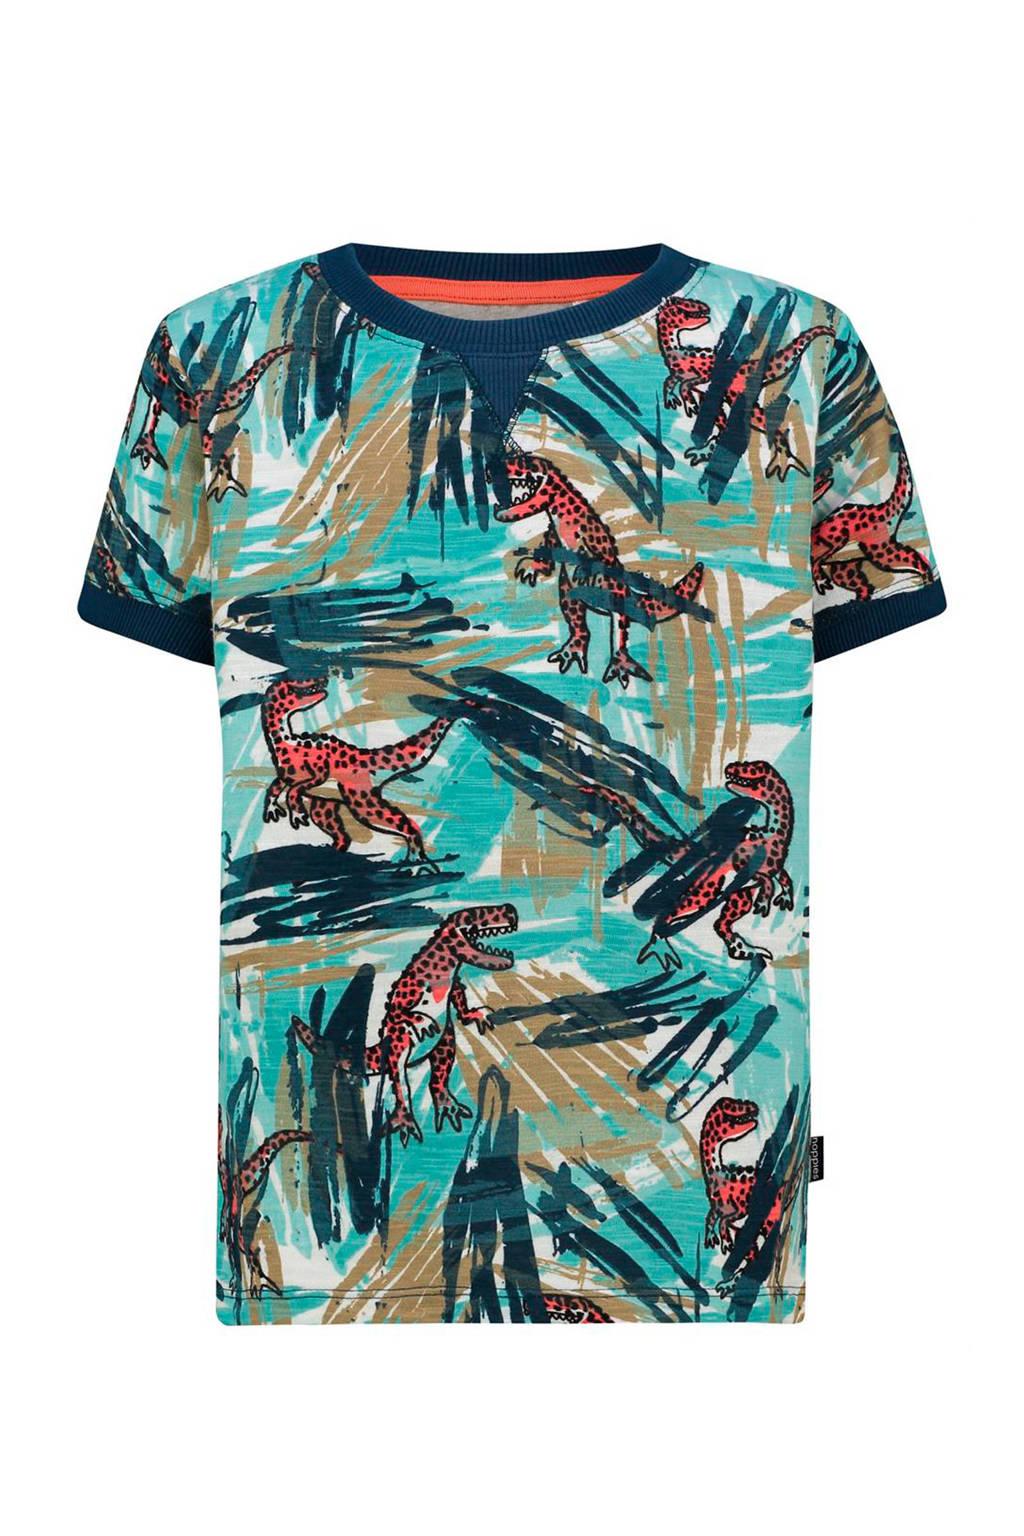 Noppies T-shirt Junction van biologisch katoen donkerblauw/wit/donkerrood, Donkerblauw/wit/donkerrood